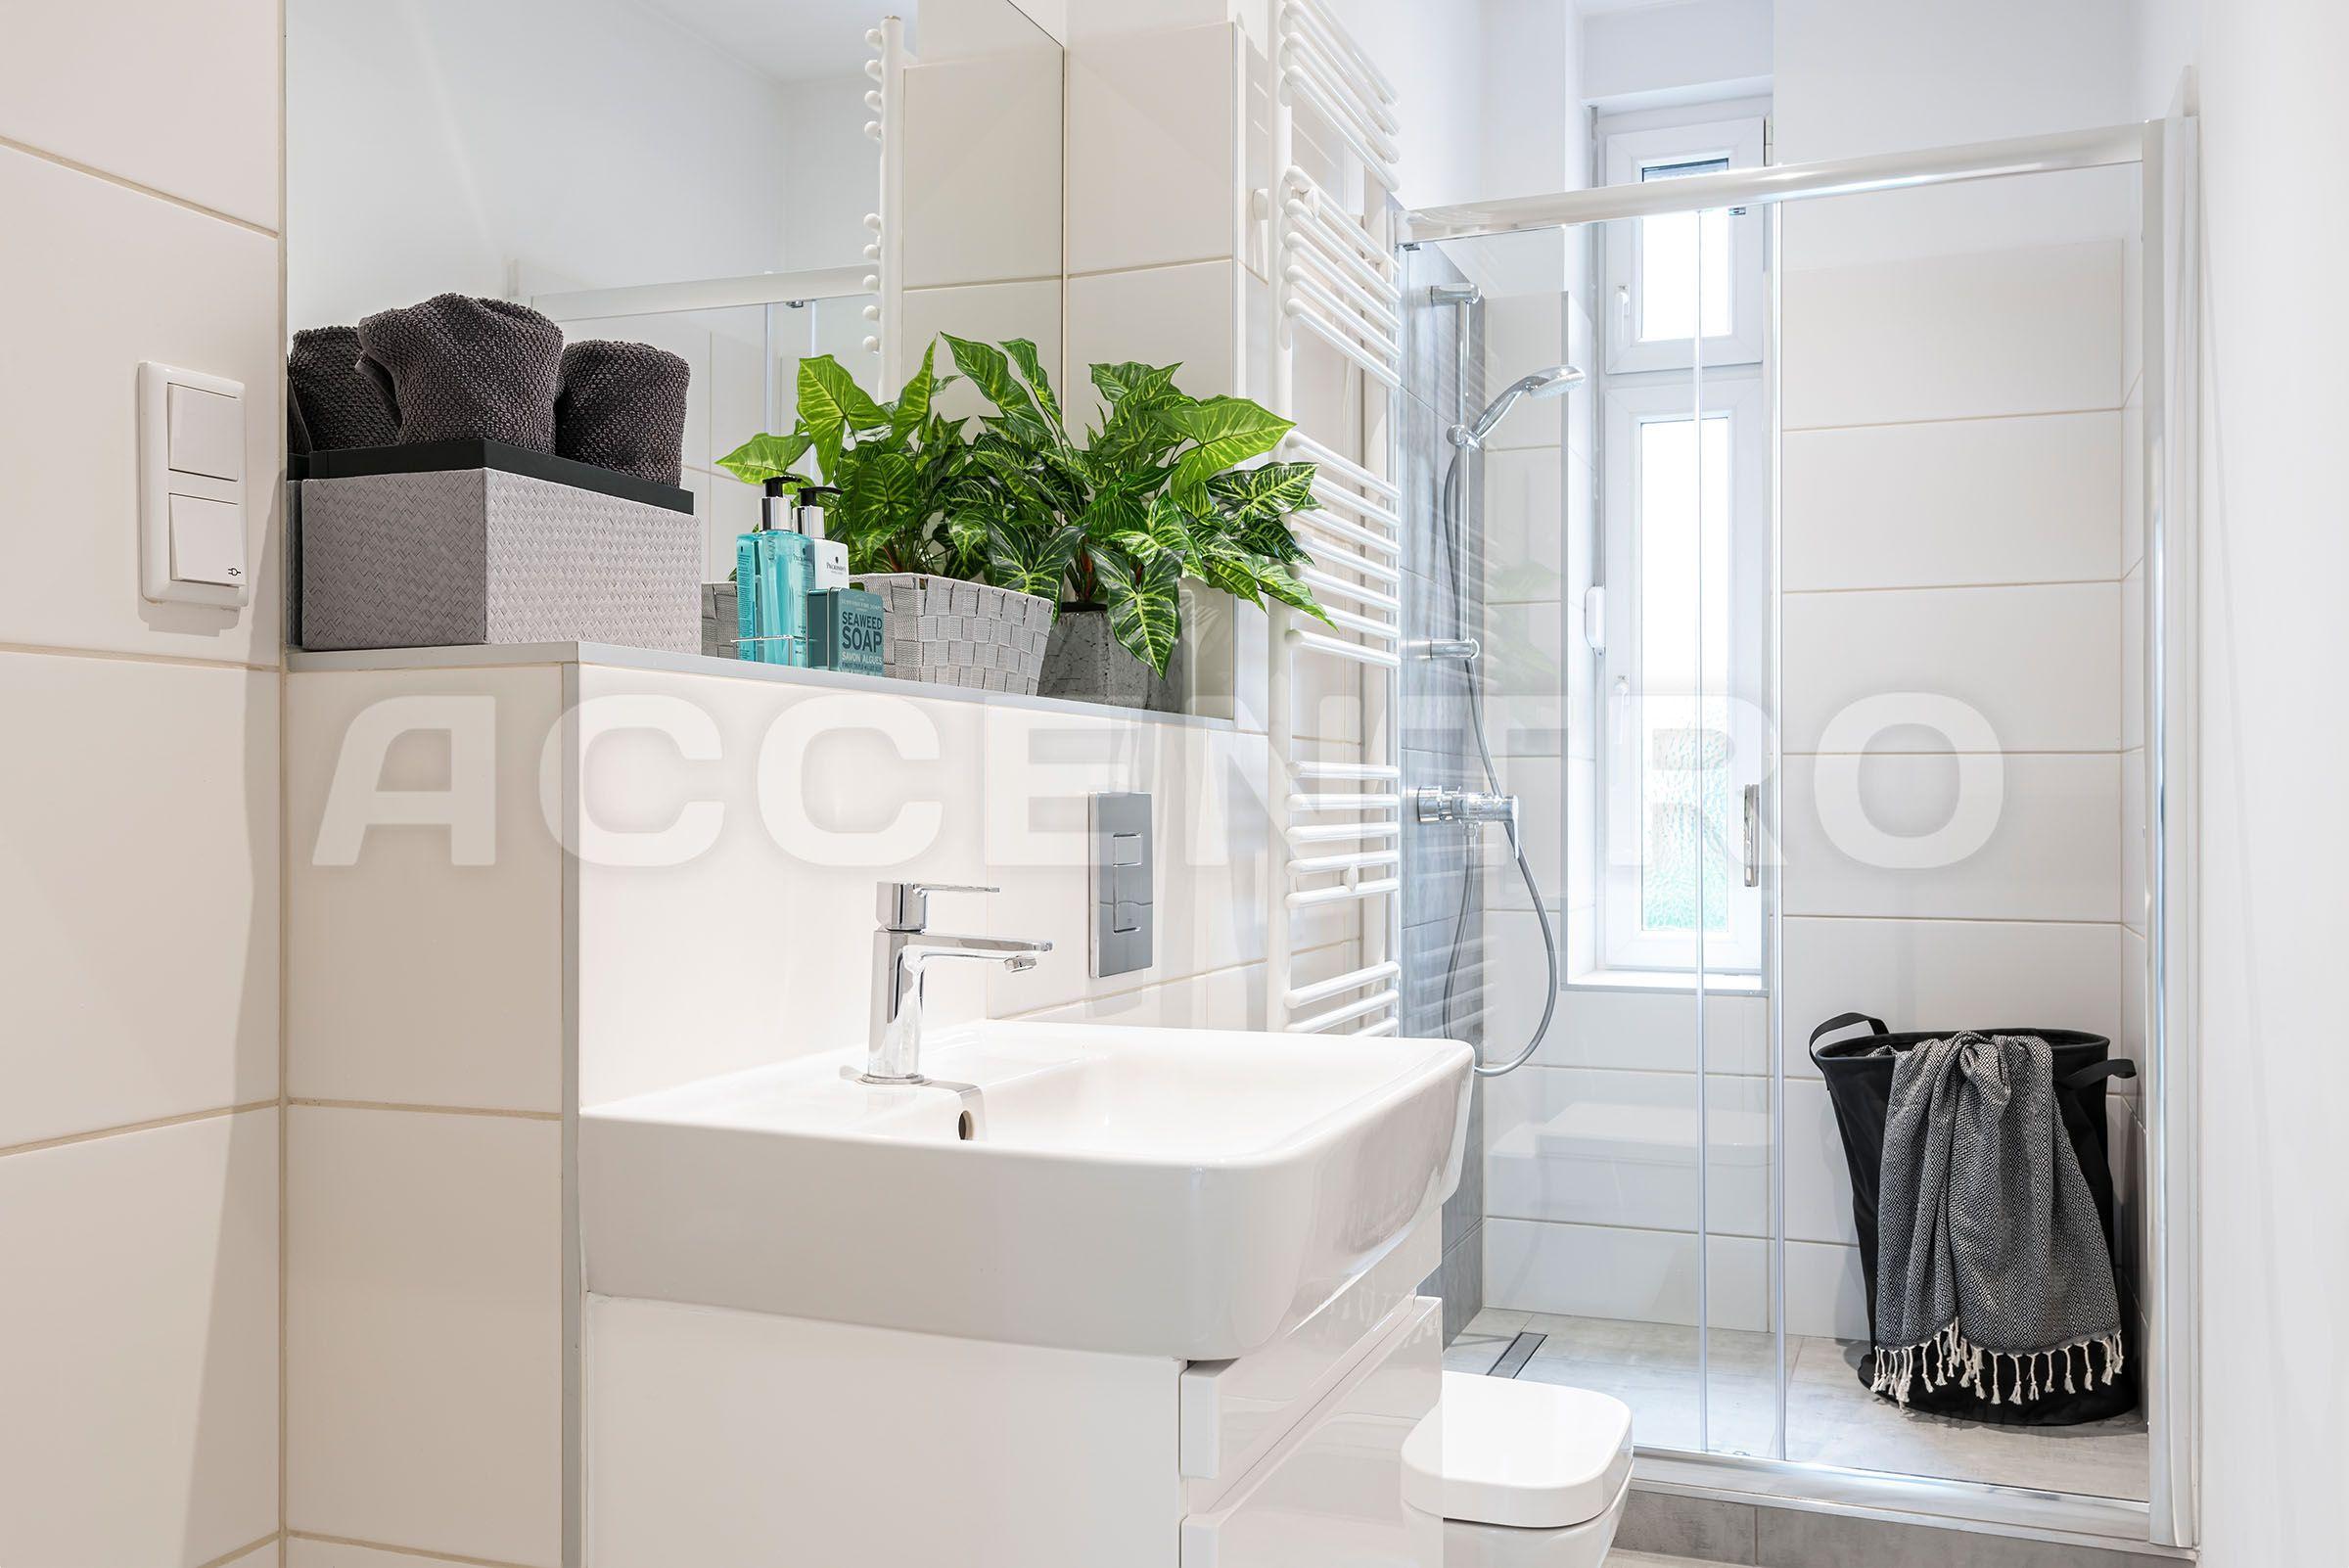 Eigentumswohnungen In Berlin Pankow Binzstrasse 20 Mehr Auf Www Accentro De Eigentumswohnung Wohnung Kaufen Kap Wohnung Kaufen Wohnung Immobilien Kaufen